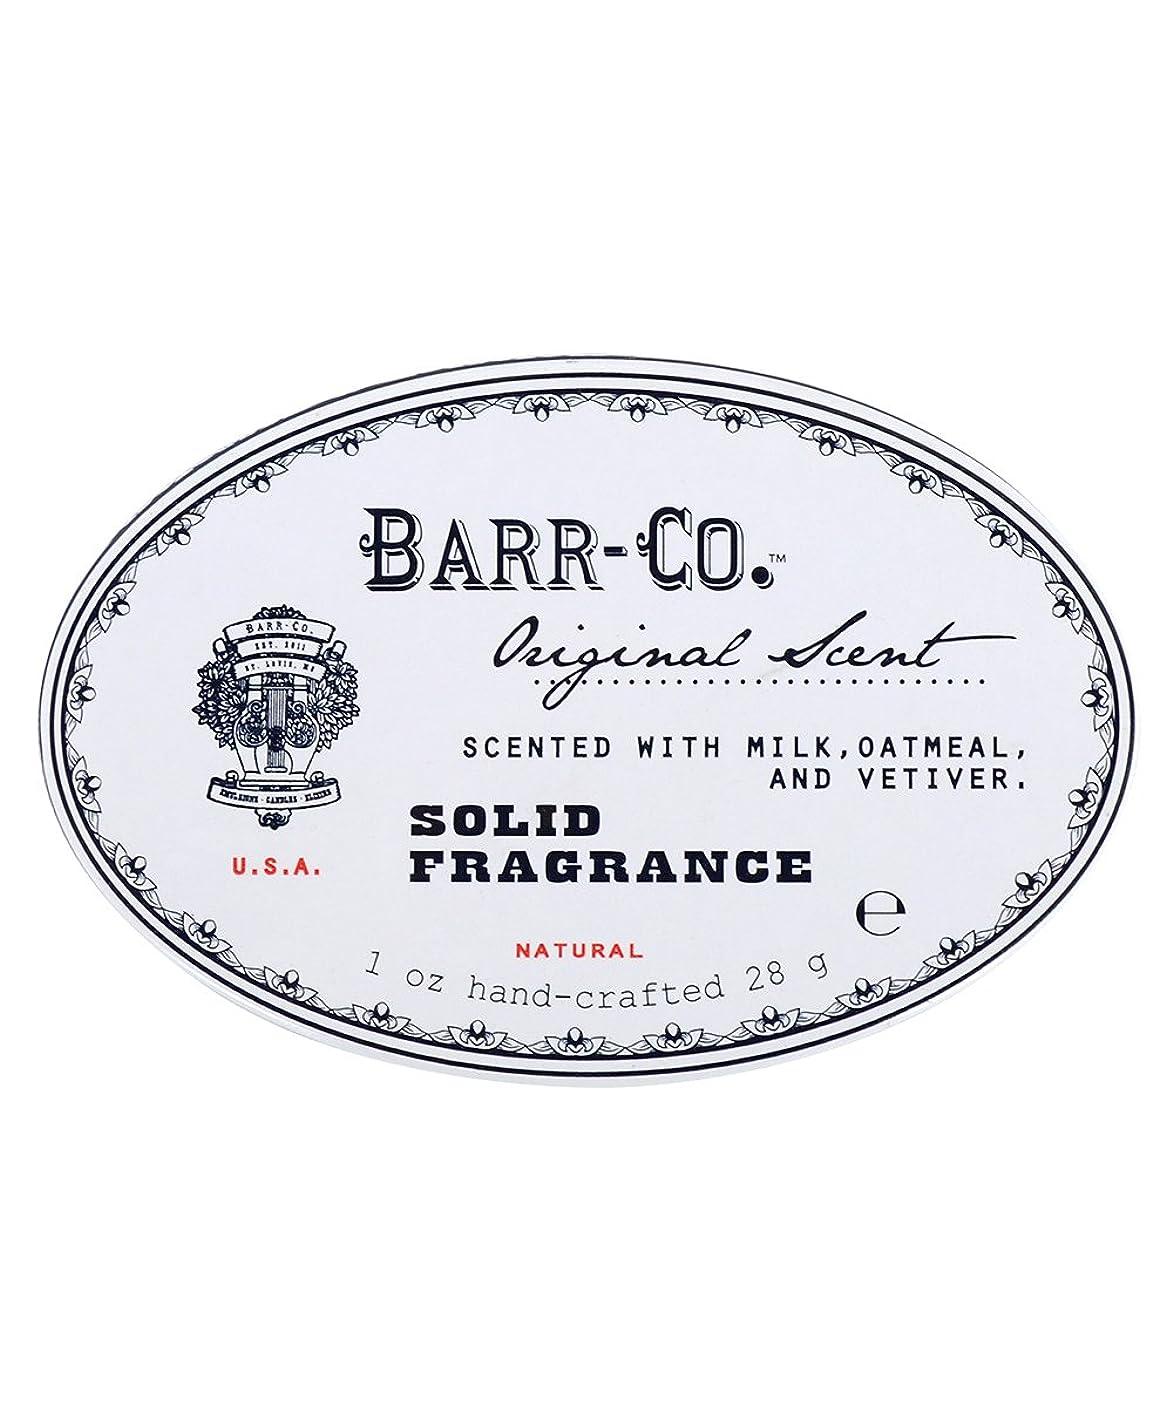 なる移行するパワーセルバーコ(BARR-CO.) ソリッドパフューム オリジナル 28g